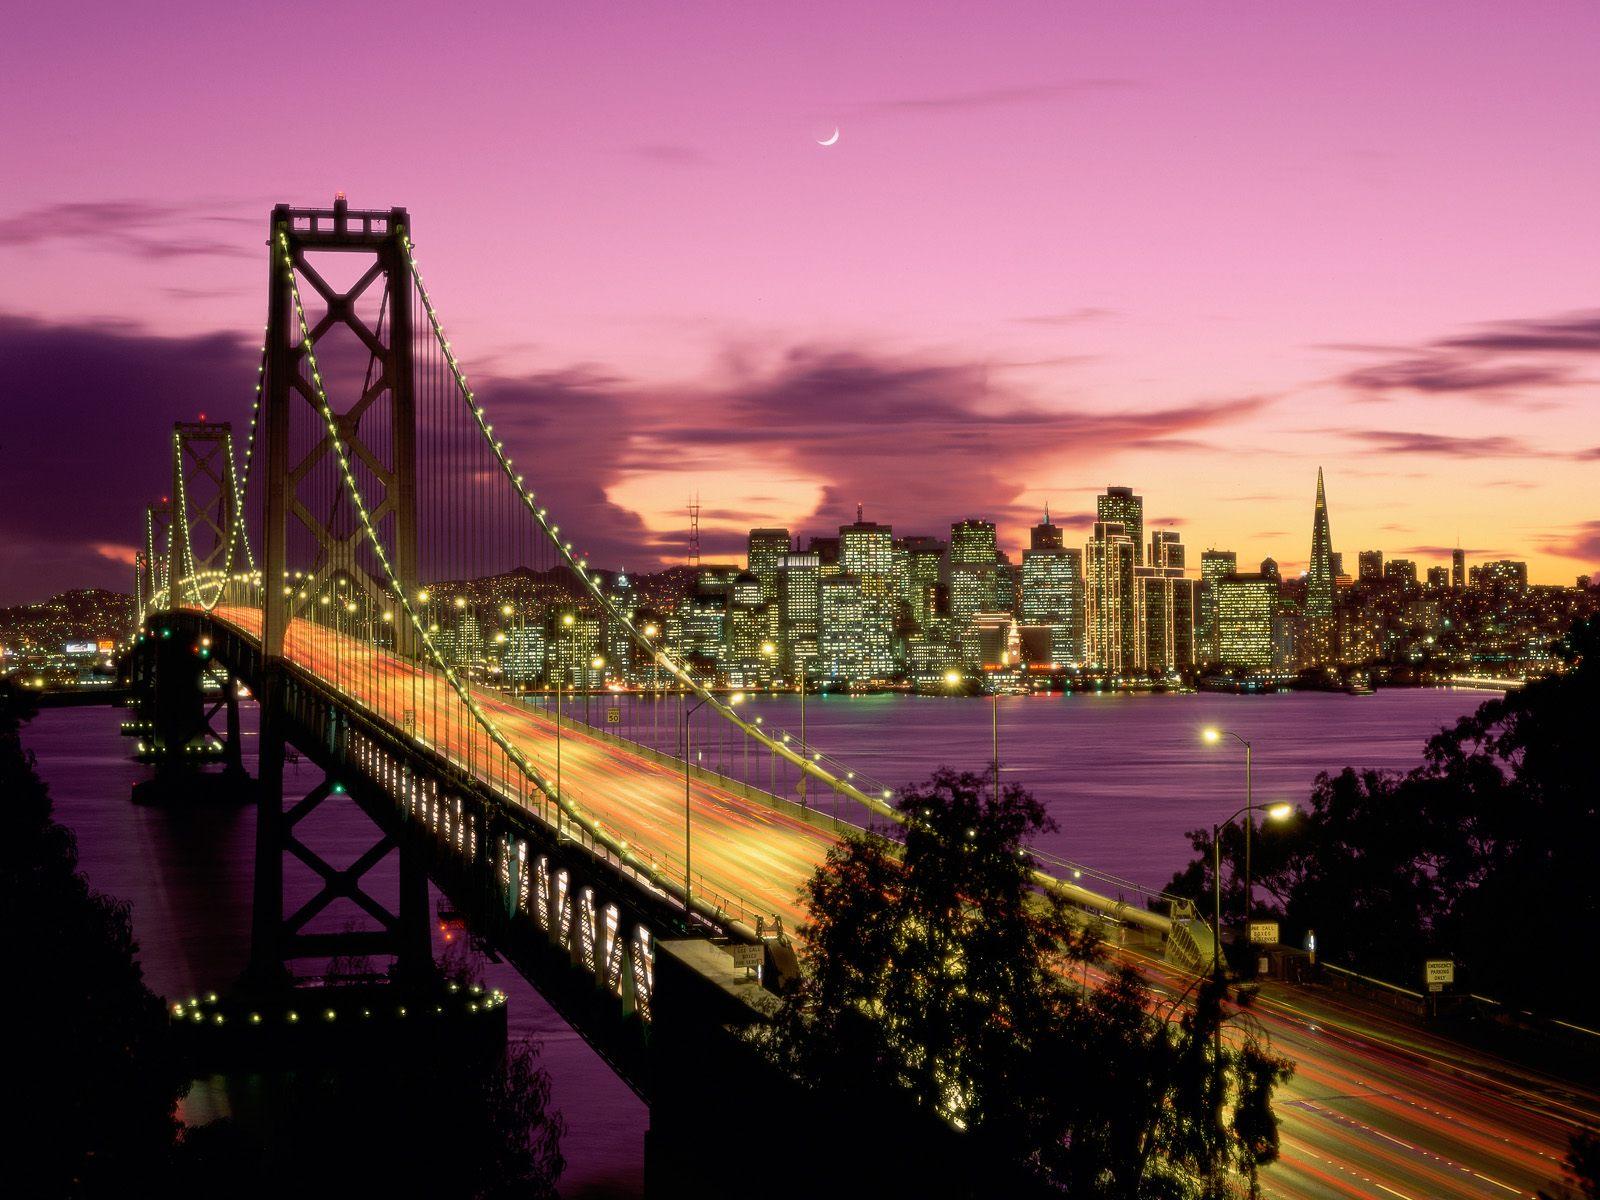 http://3.bp.blogspot.com/_aijkjQHYjIA/TTxzirqtXhI/AAAAAAAAAO4/l7HRInvdcCE/s1600/Bay_Bridge%25252C_San_Francisco%25252C_California%255B1%255D.jpg